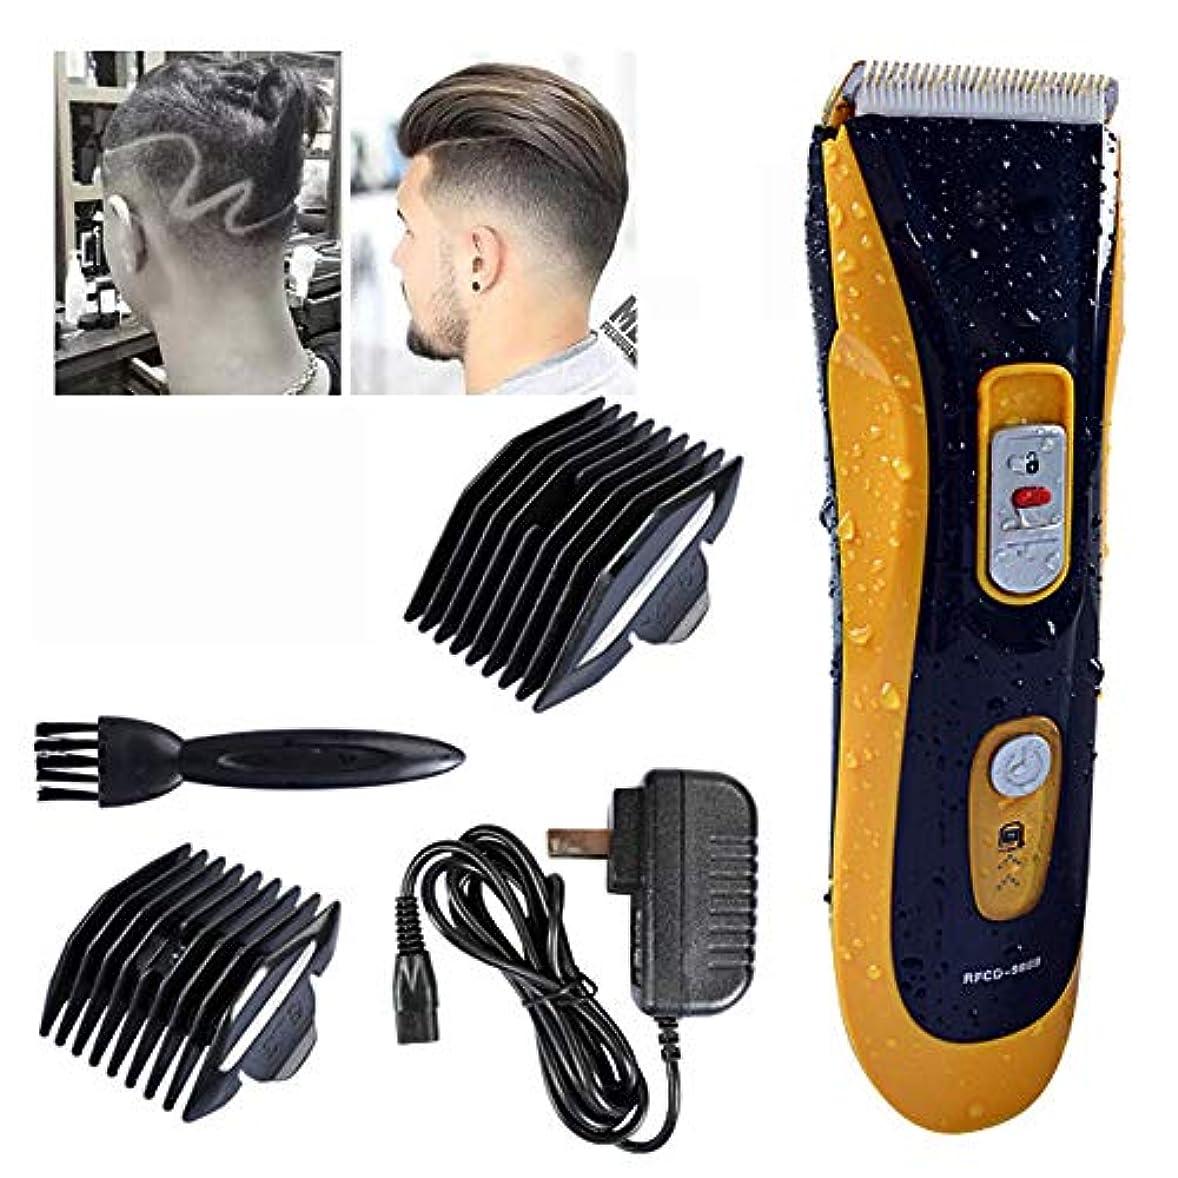 スプーンアドバンテージ噴出するメンズバリカンミュート電動バリカン理髪プロフェッショナル電動バリカンユニバーサル電動フェーダー洗える